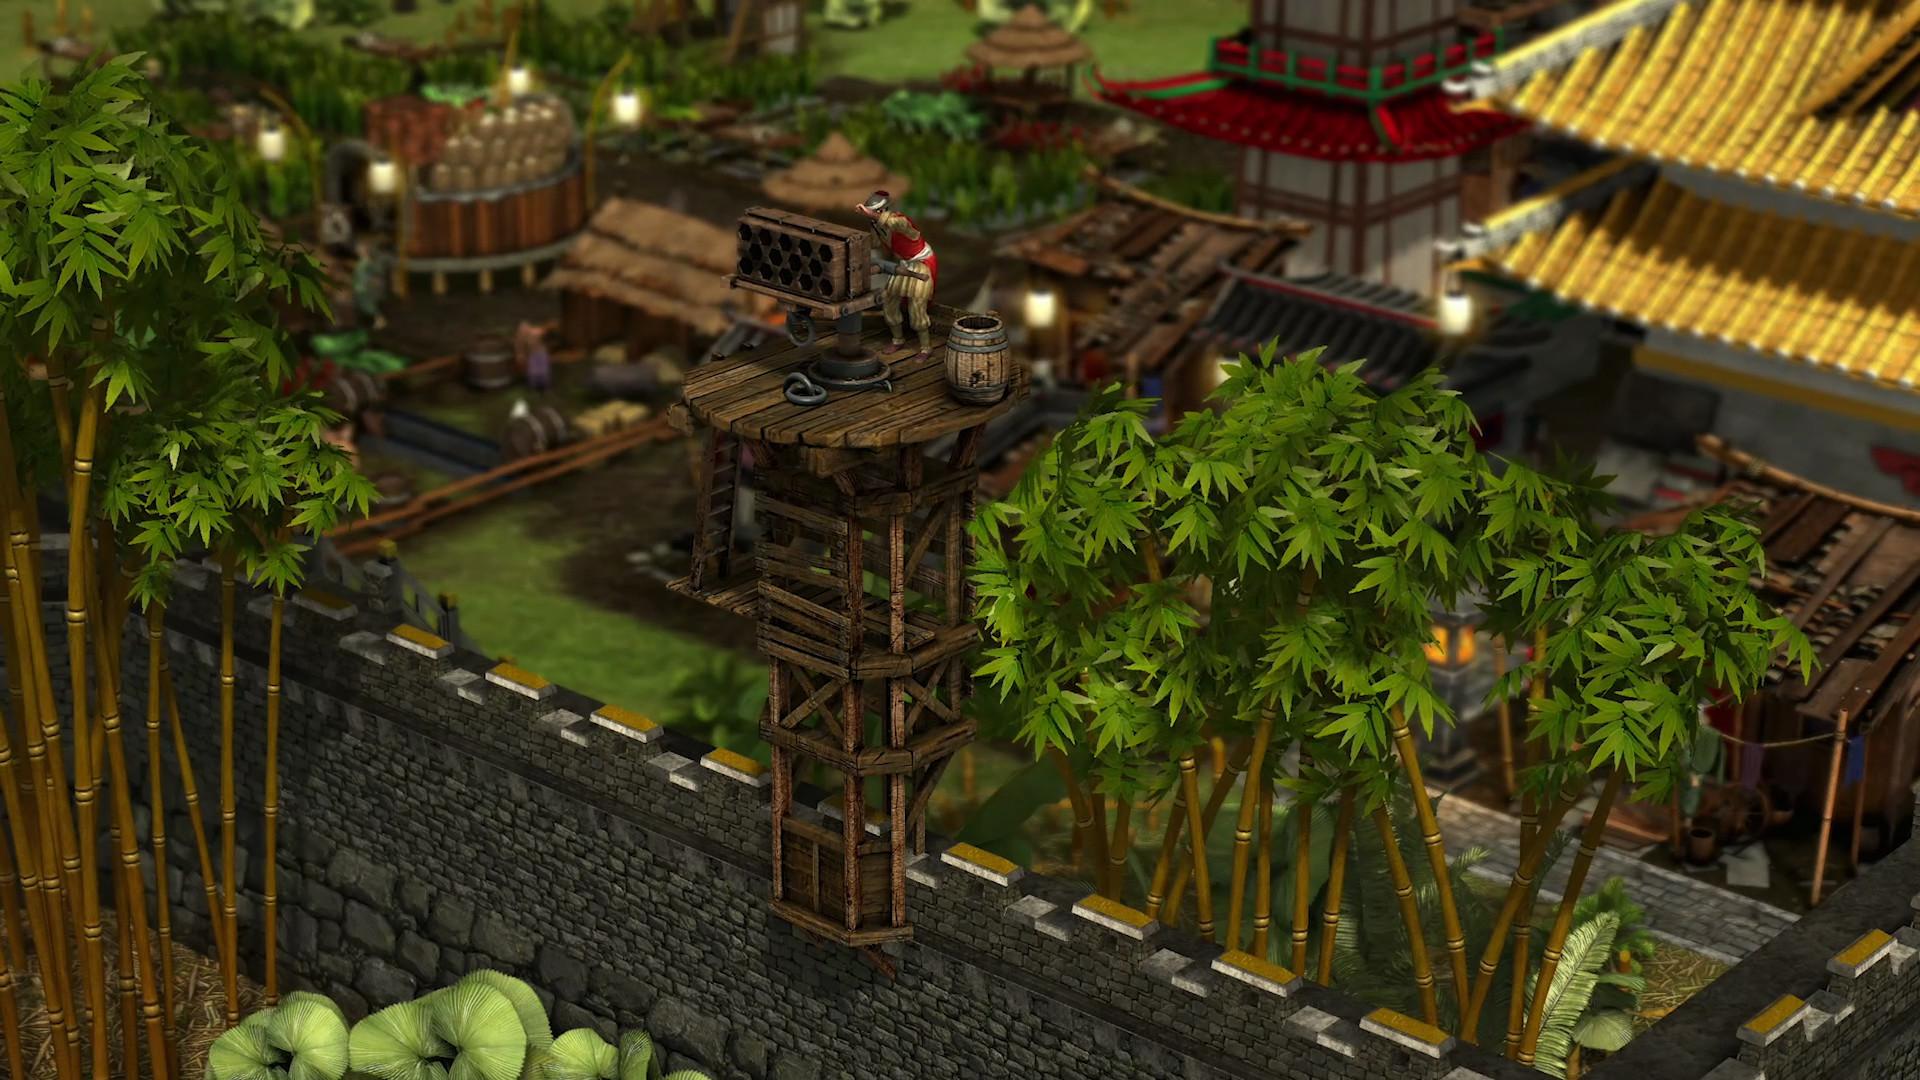 Quelle: FireFly Studios - Stronghold: Warlords - Geschützturm